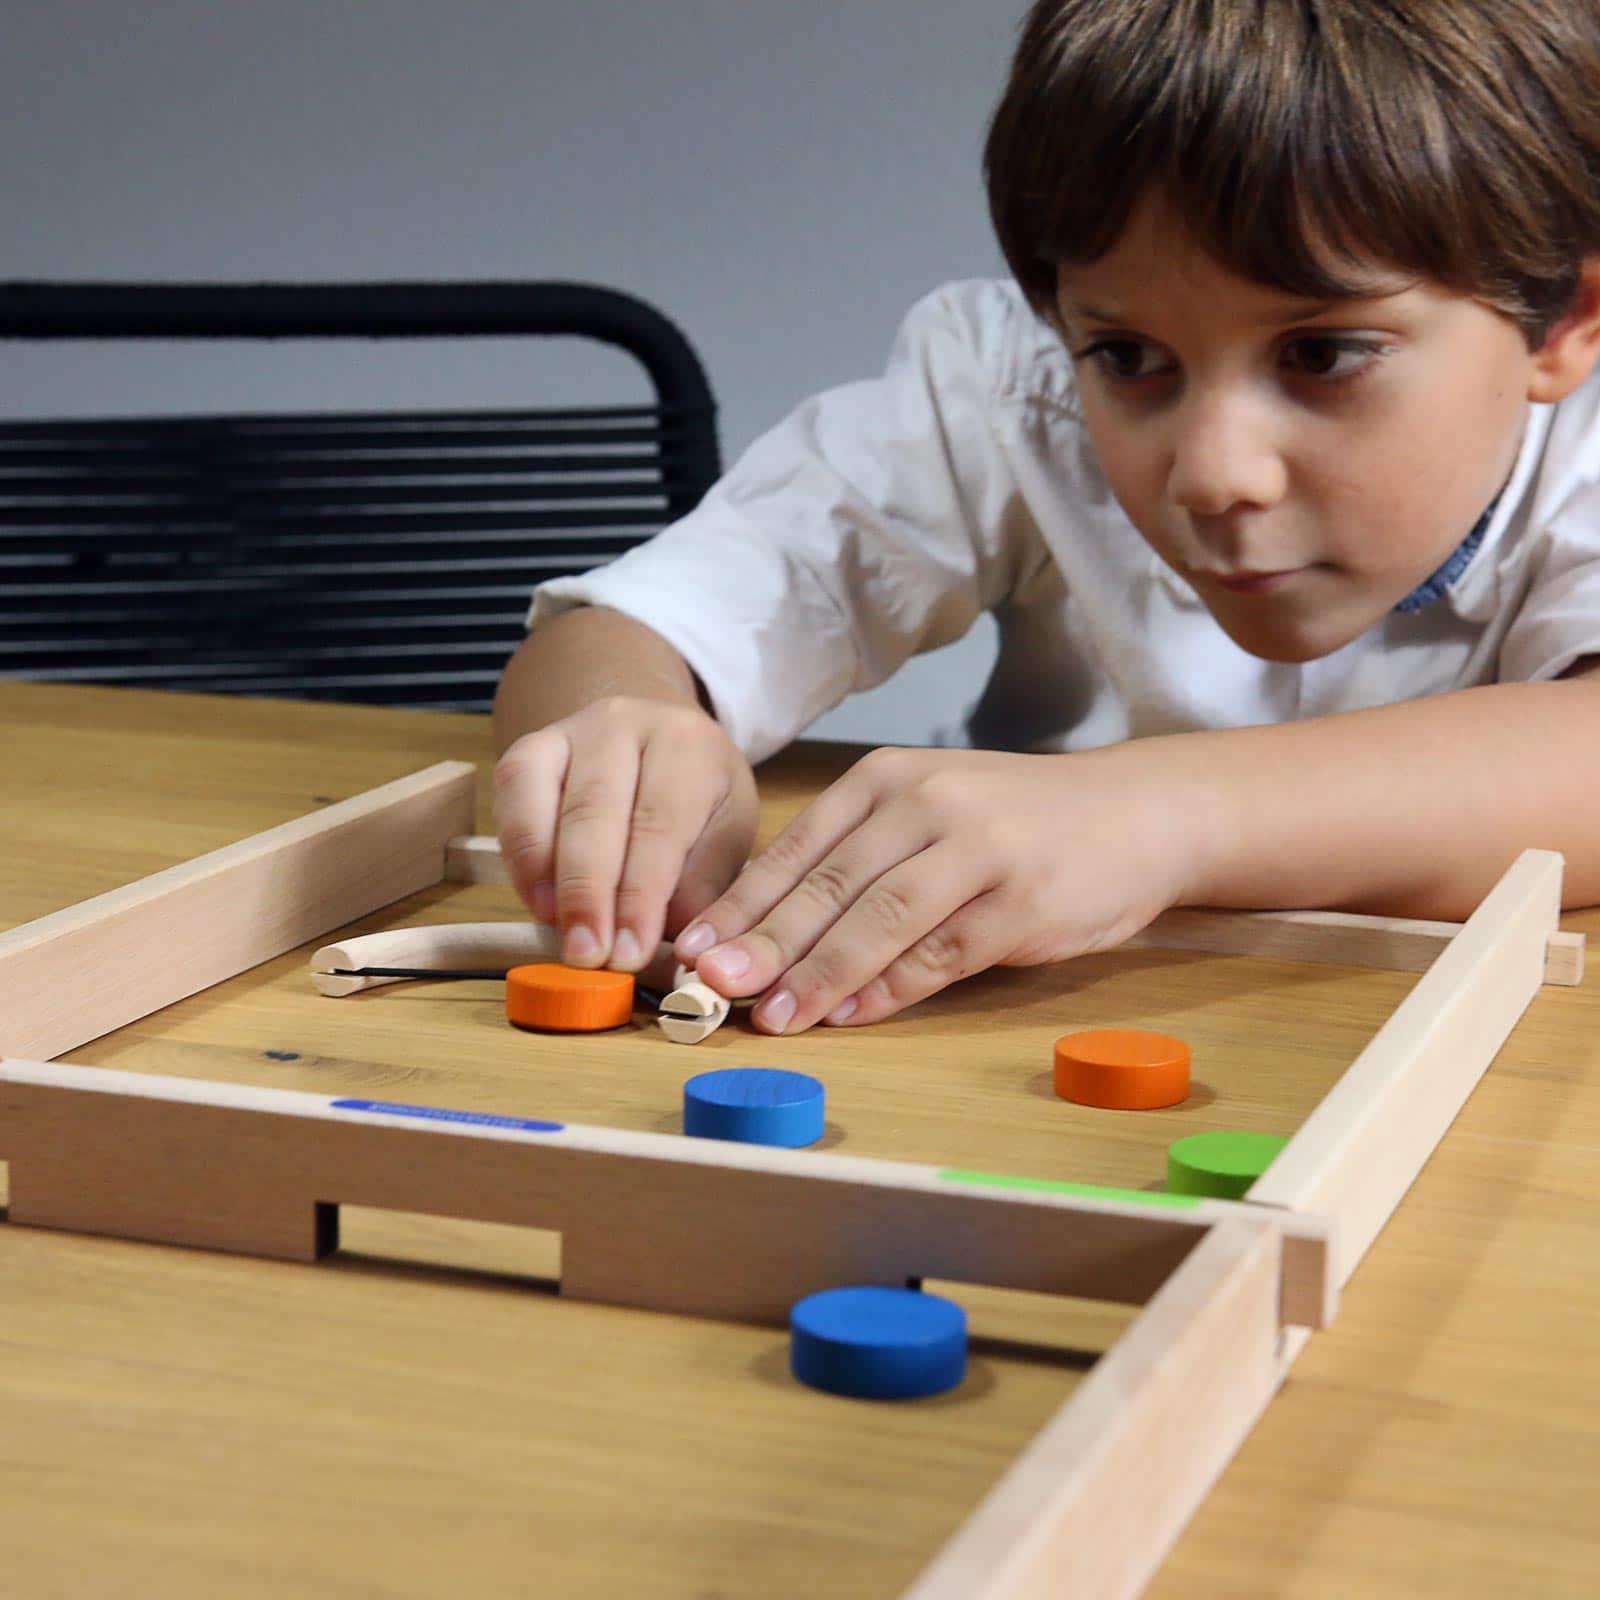 gioco in legno per bambini e adulti